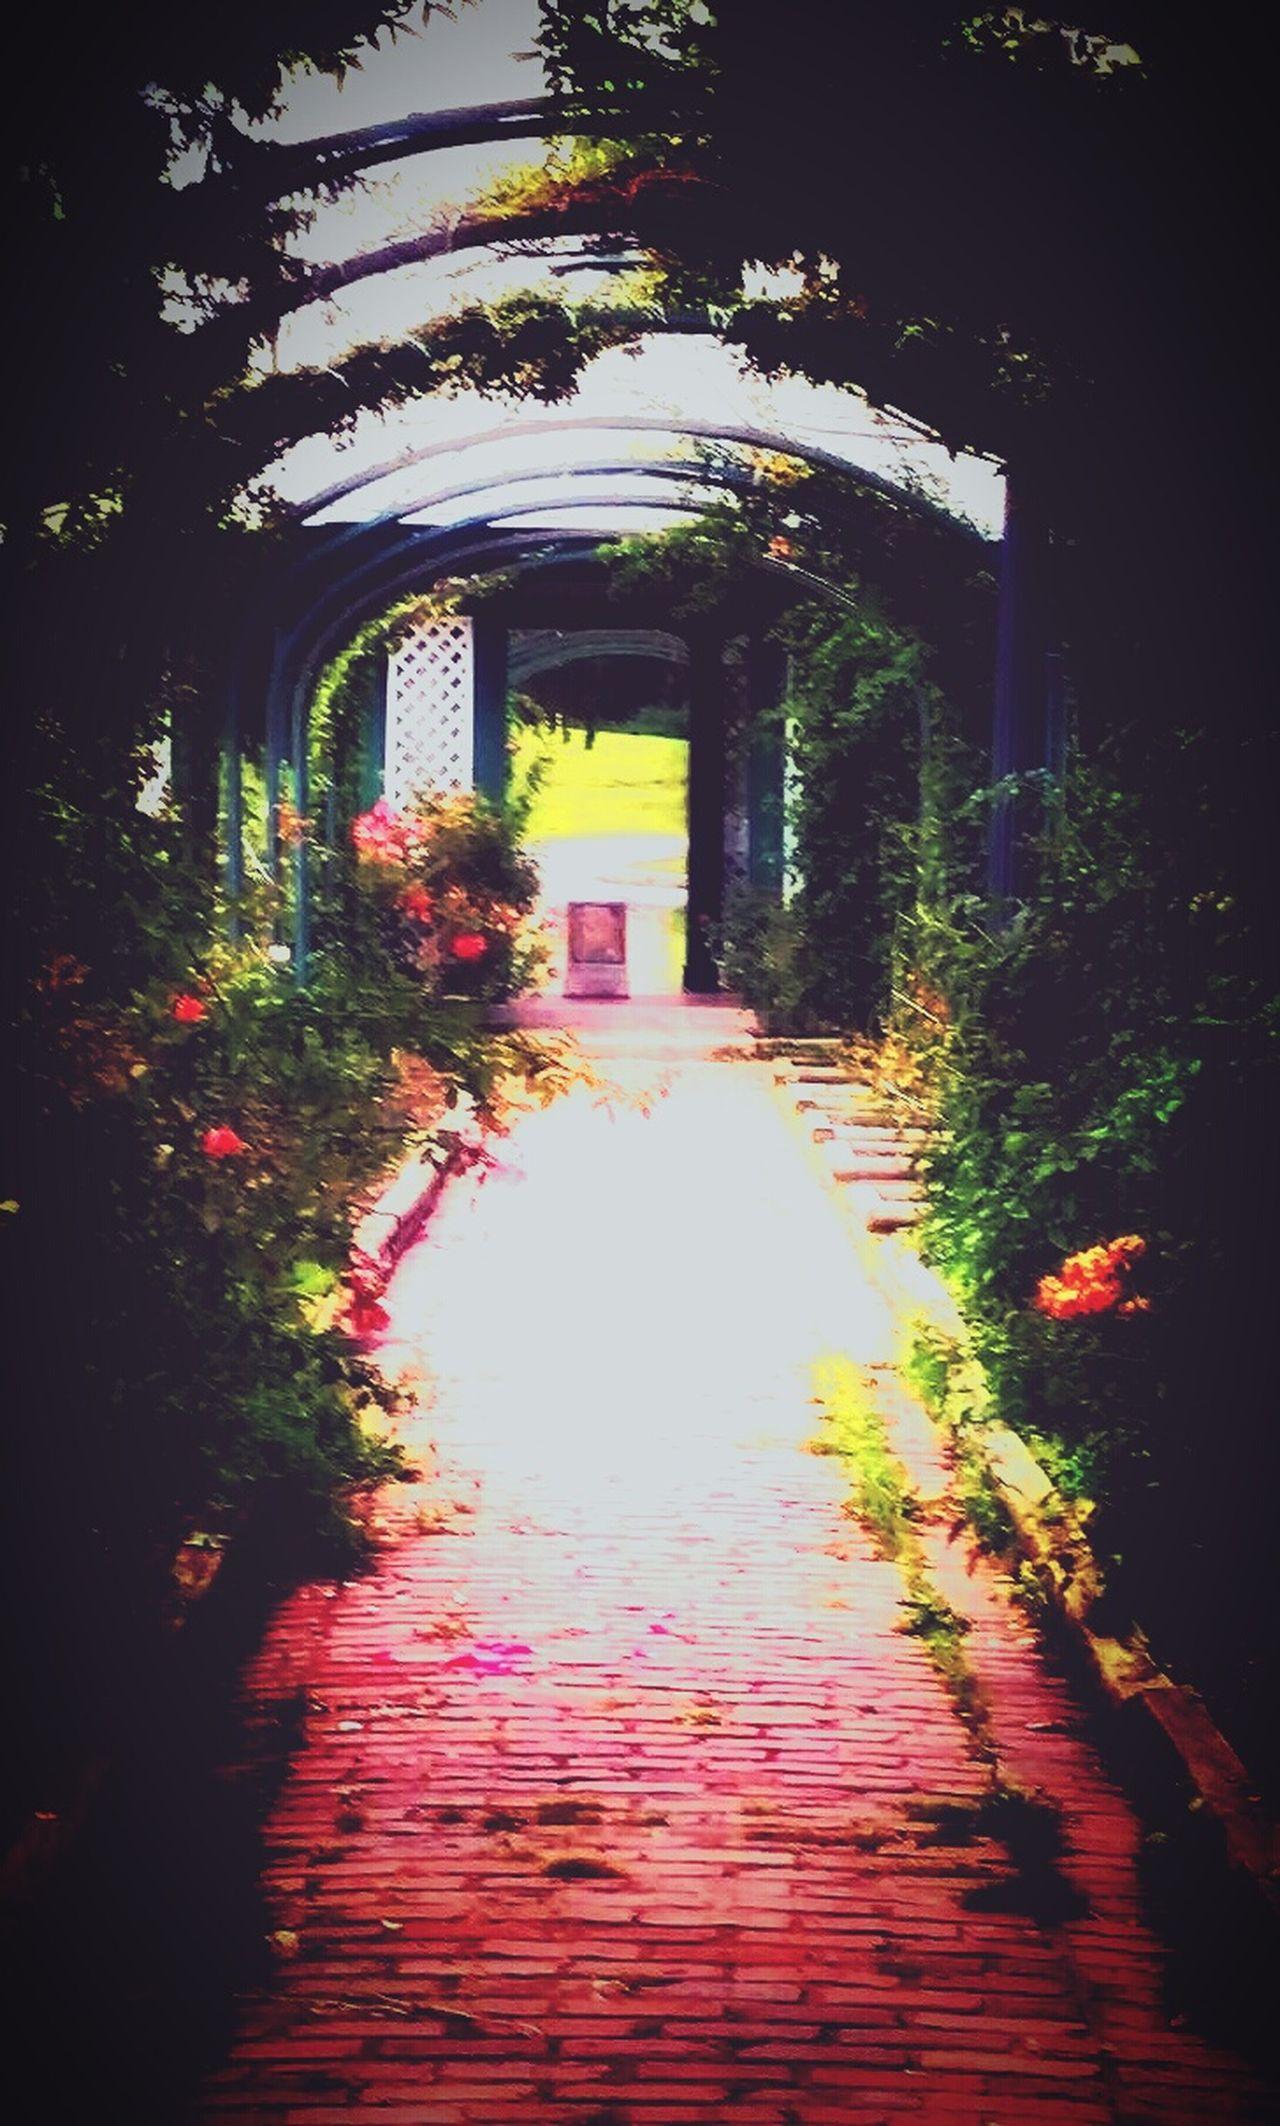 Rose Gardens Tunnel View Rose🌹 Taking Photos Enjoying Life